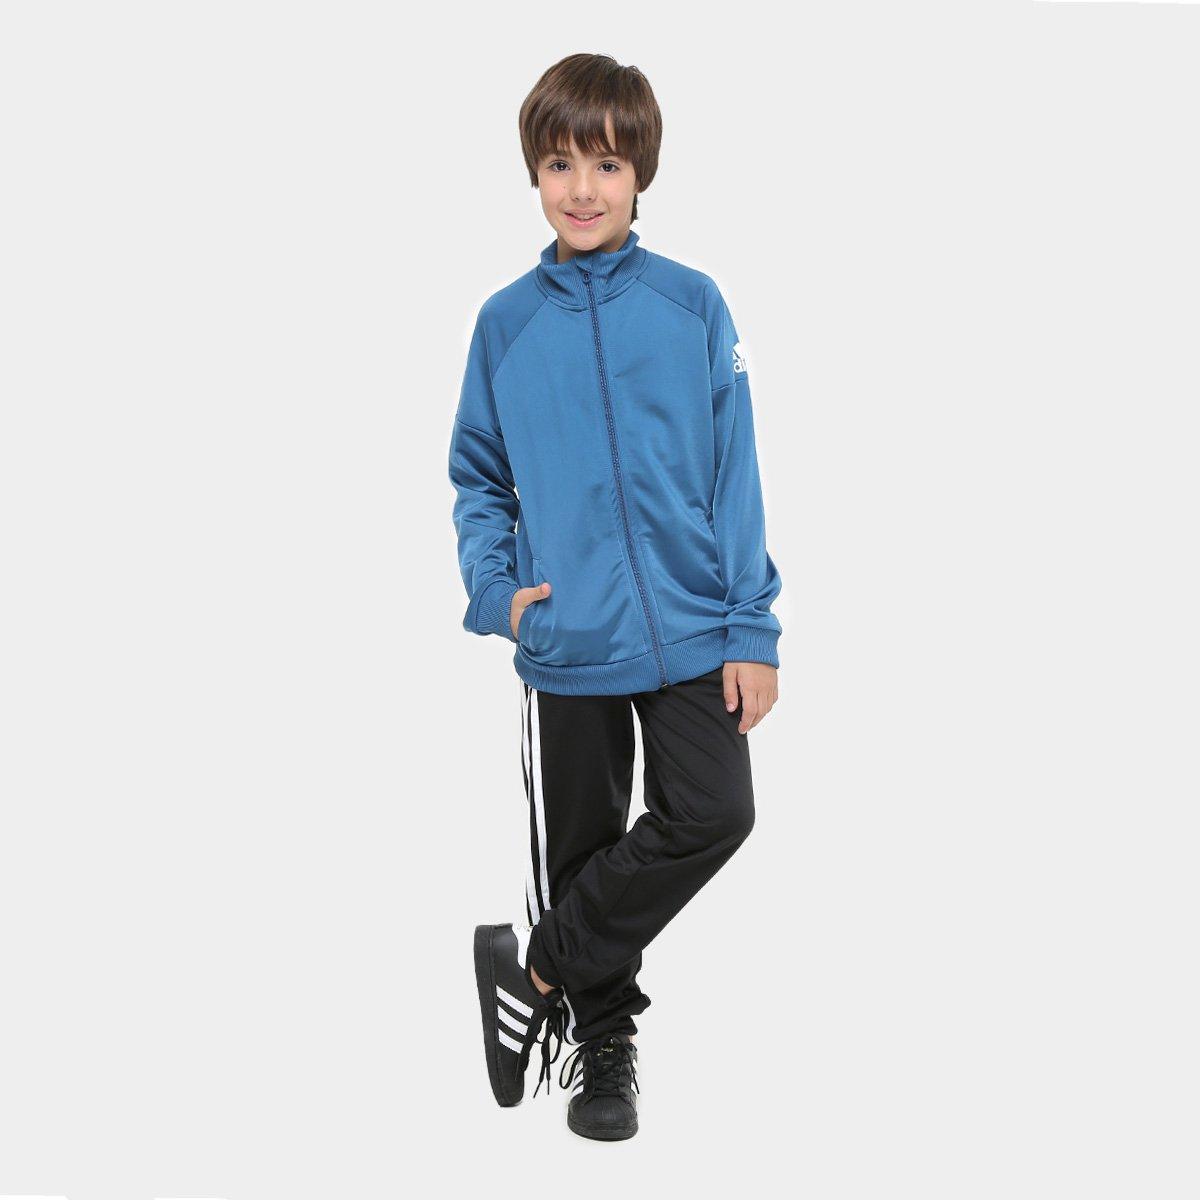 Agasalho adidas lb kn tracksuit infantil